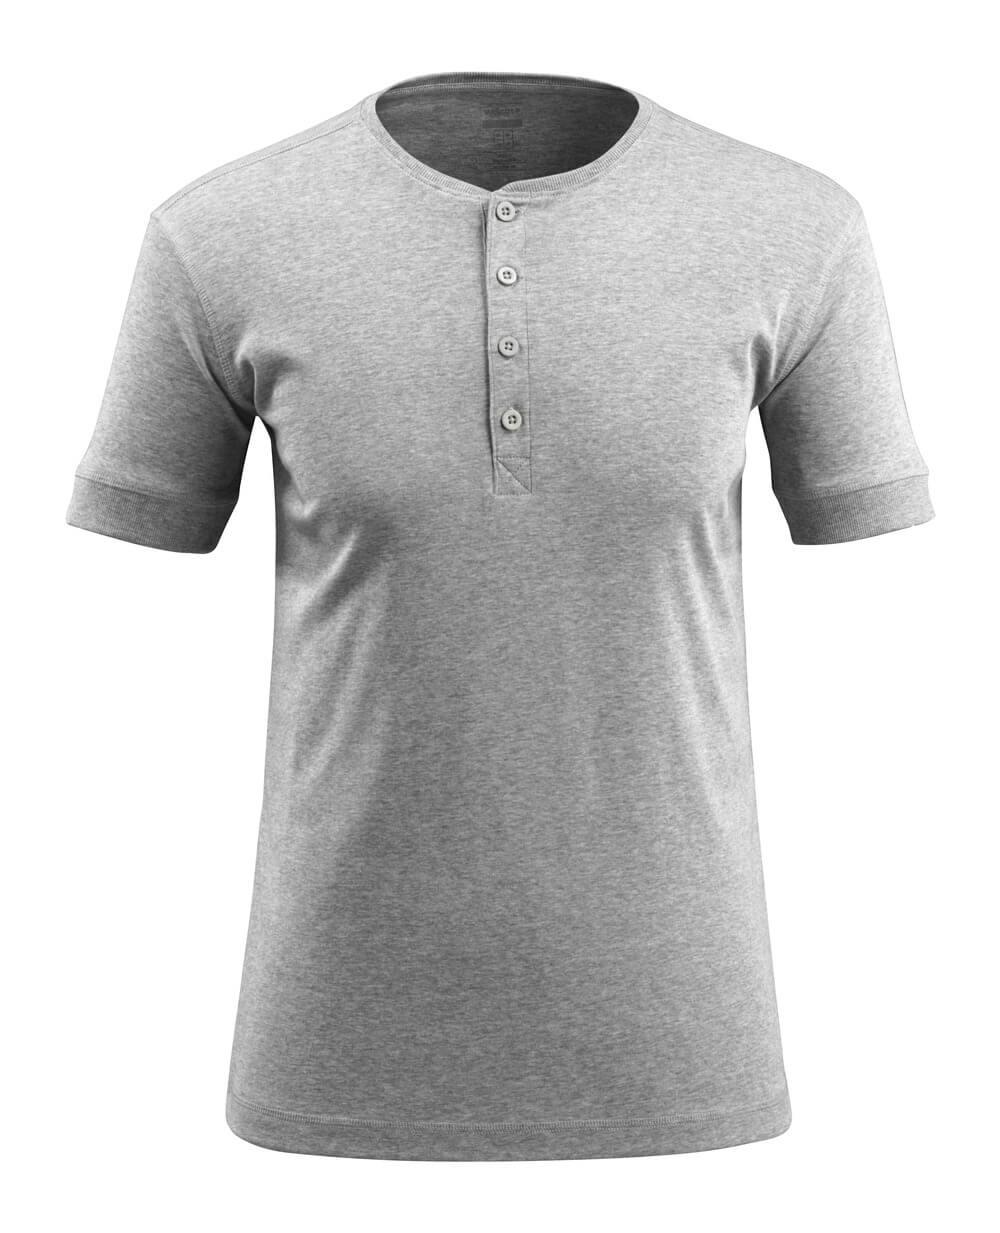 50582-964-08 T-shirt - grå-meleret